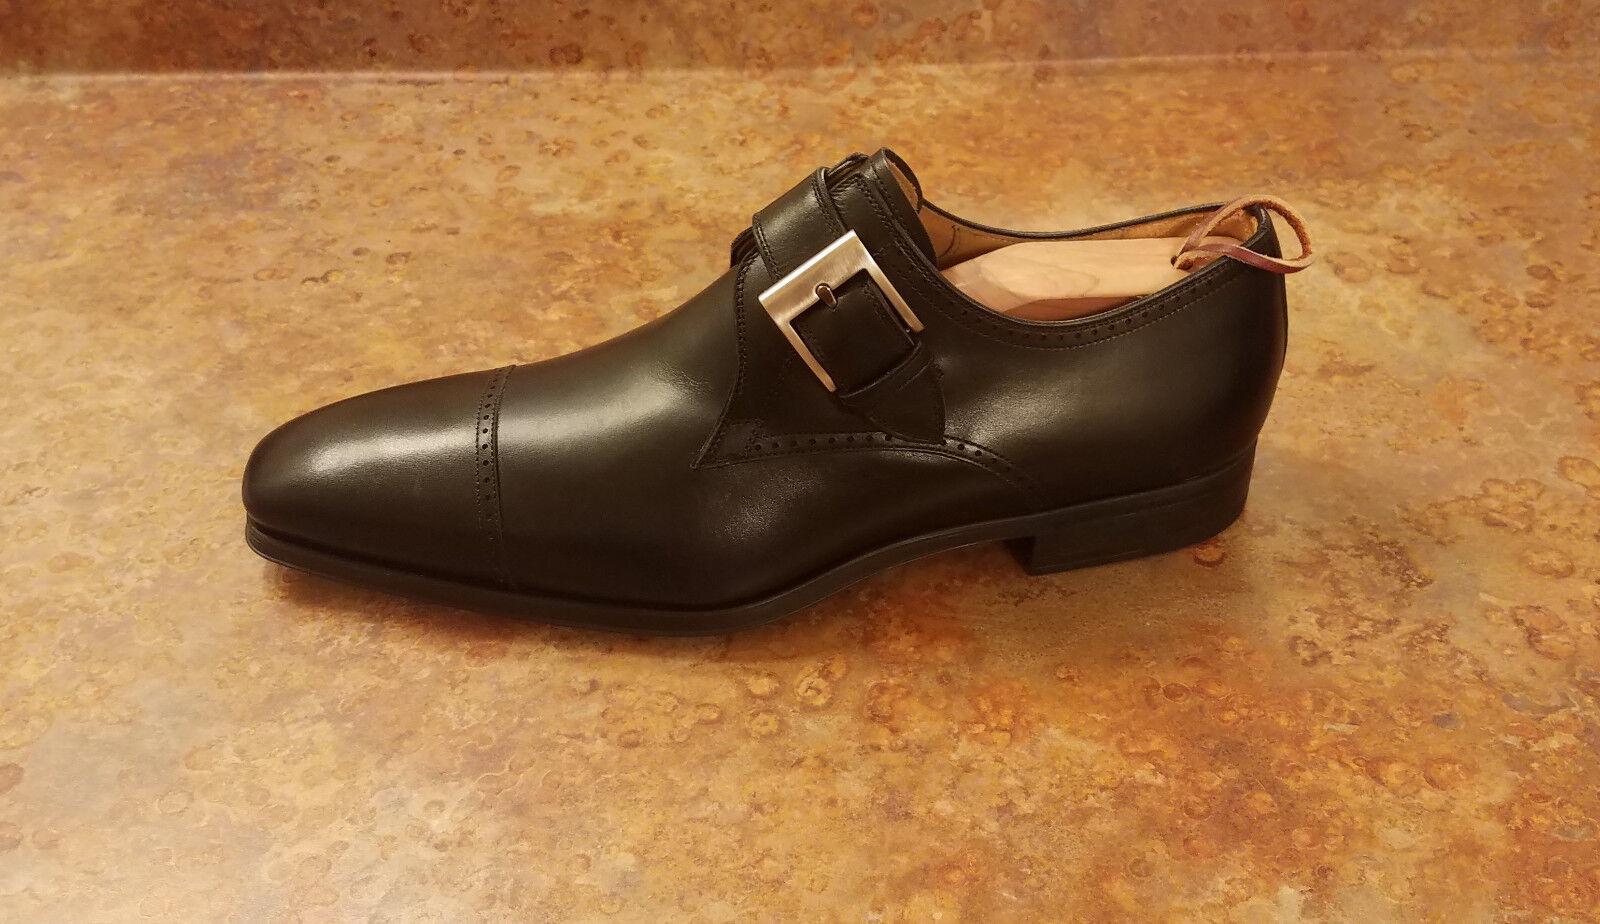 NOUVEAU  Magnanni  Carmelo 'SINGLE Monk Strap Mocassin Chaussures Noir Homme 8 M fabricants Standard prix de détail  385